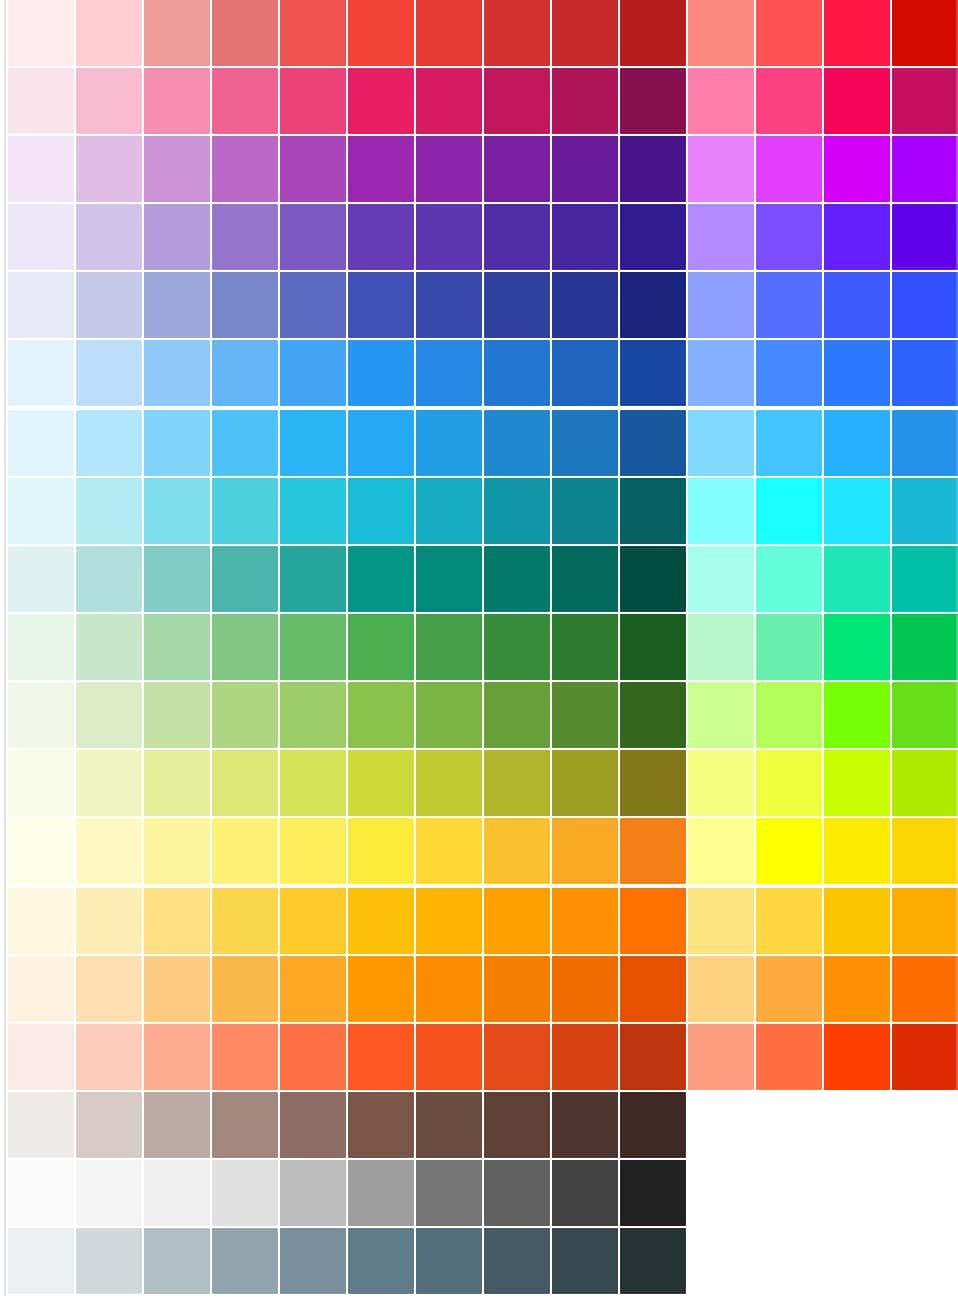 GoogleツールのMaterial Colorでウェブ配色を設定する